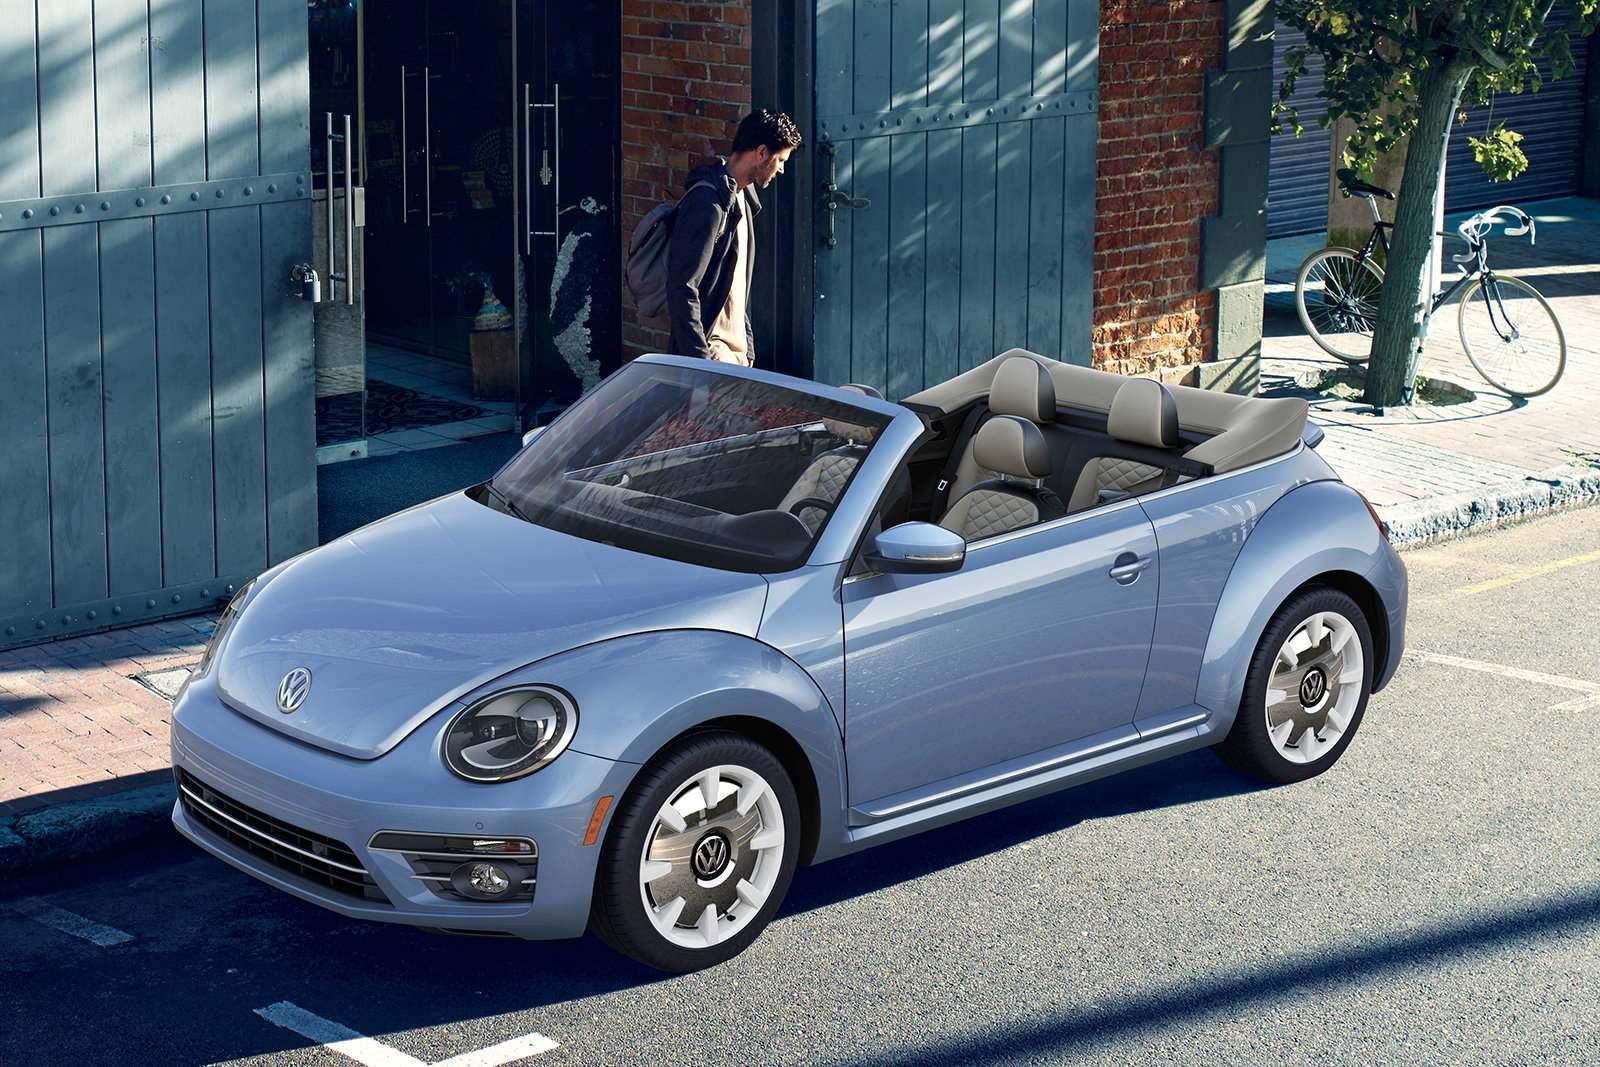 2019 Volkswagen Beetle Convertible Last Edition 2